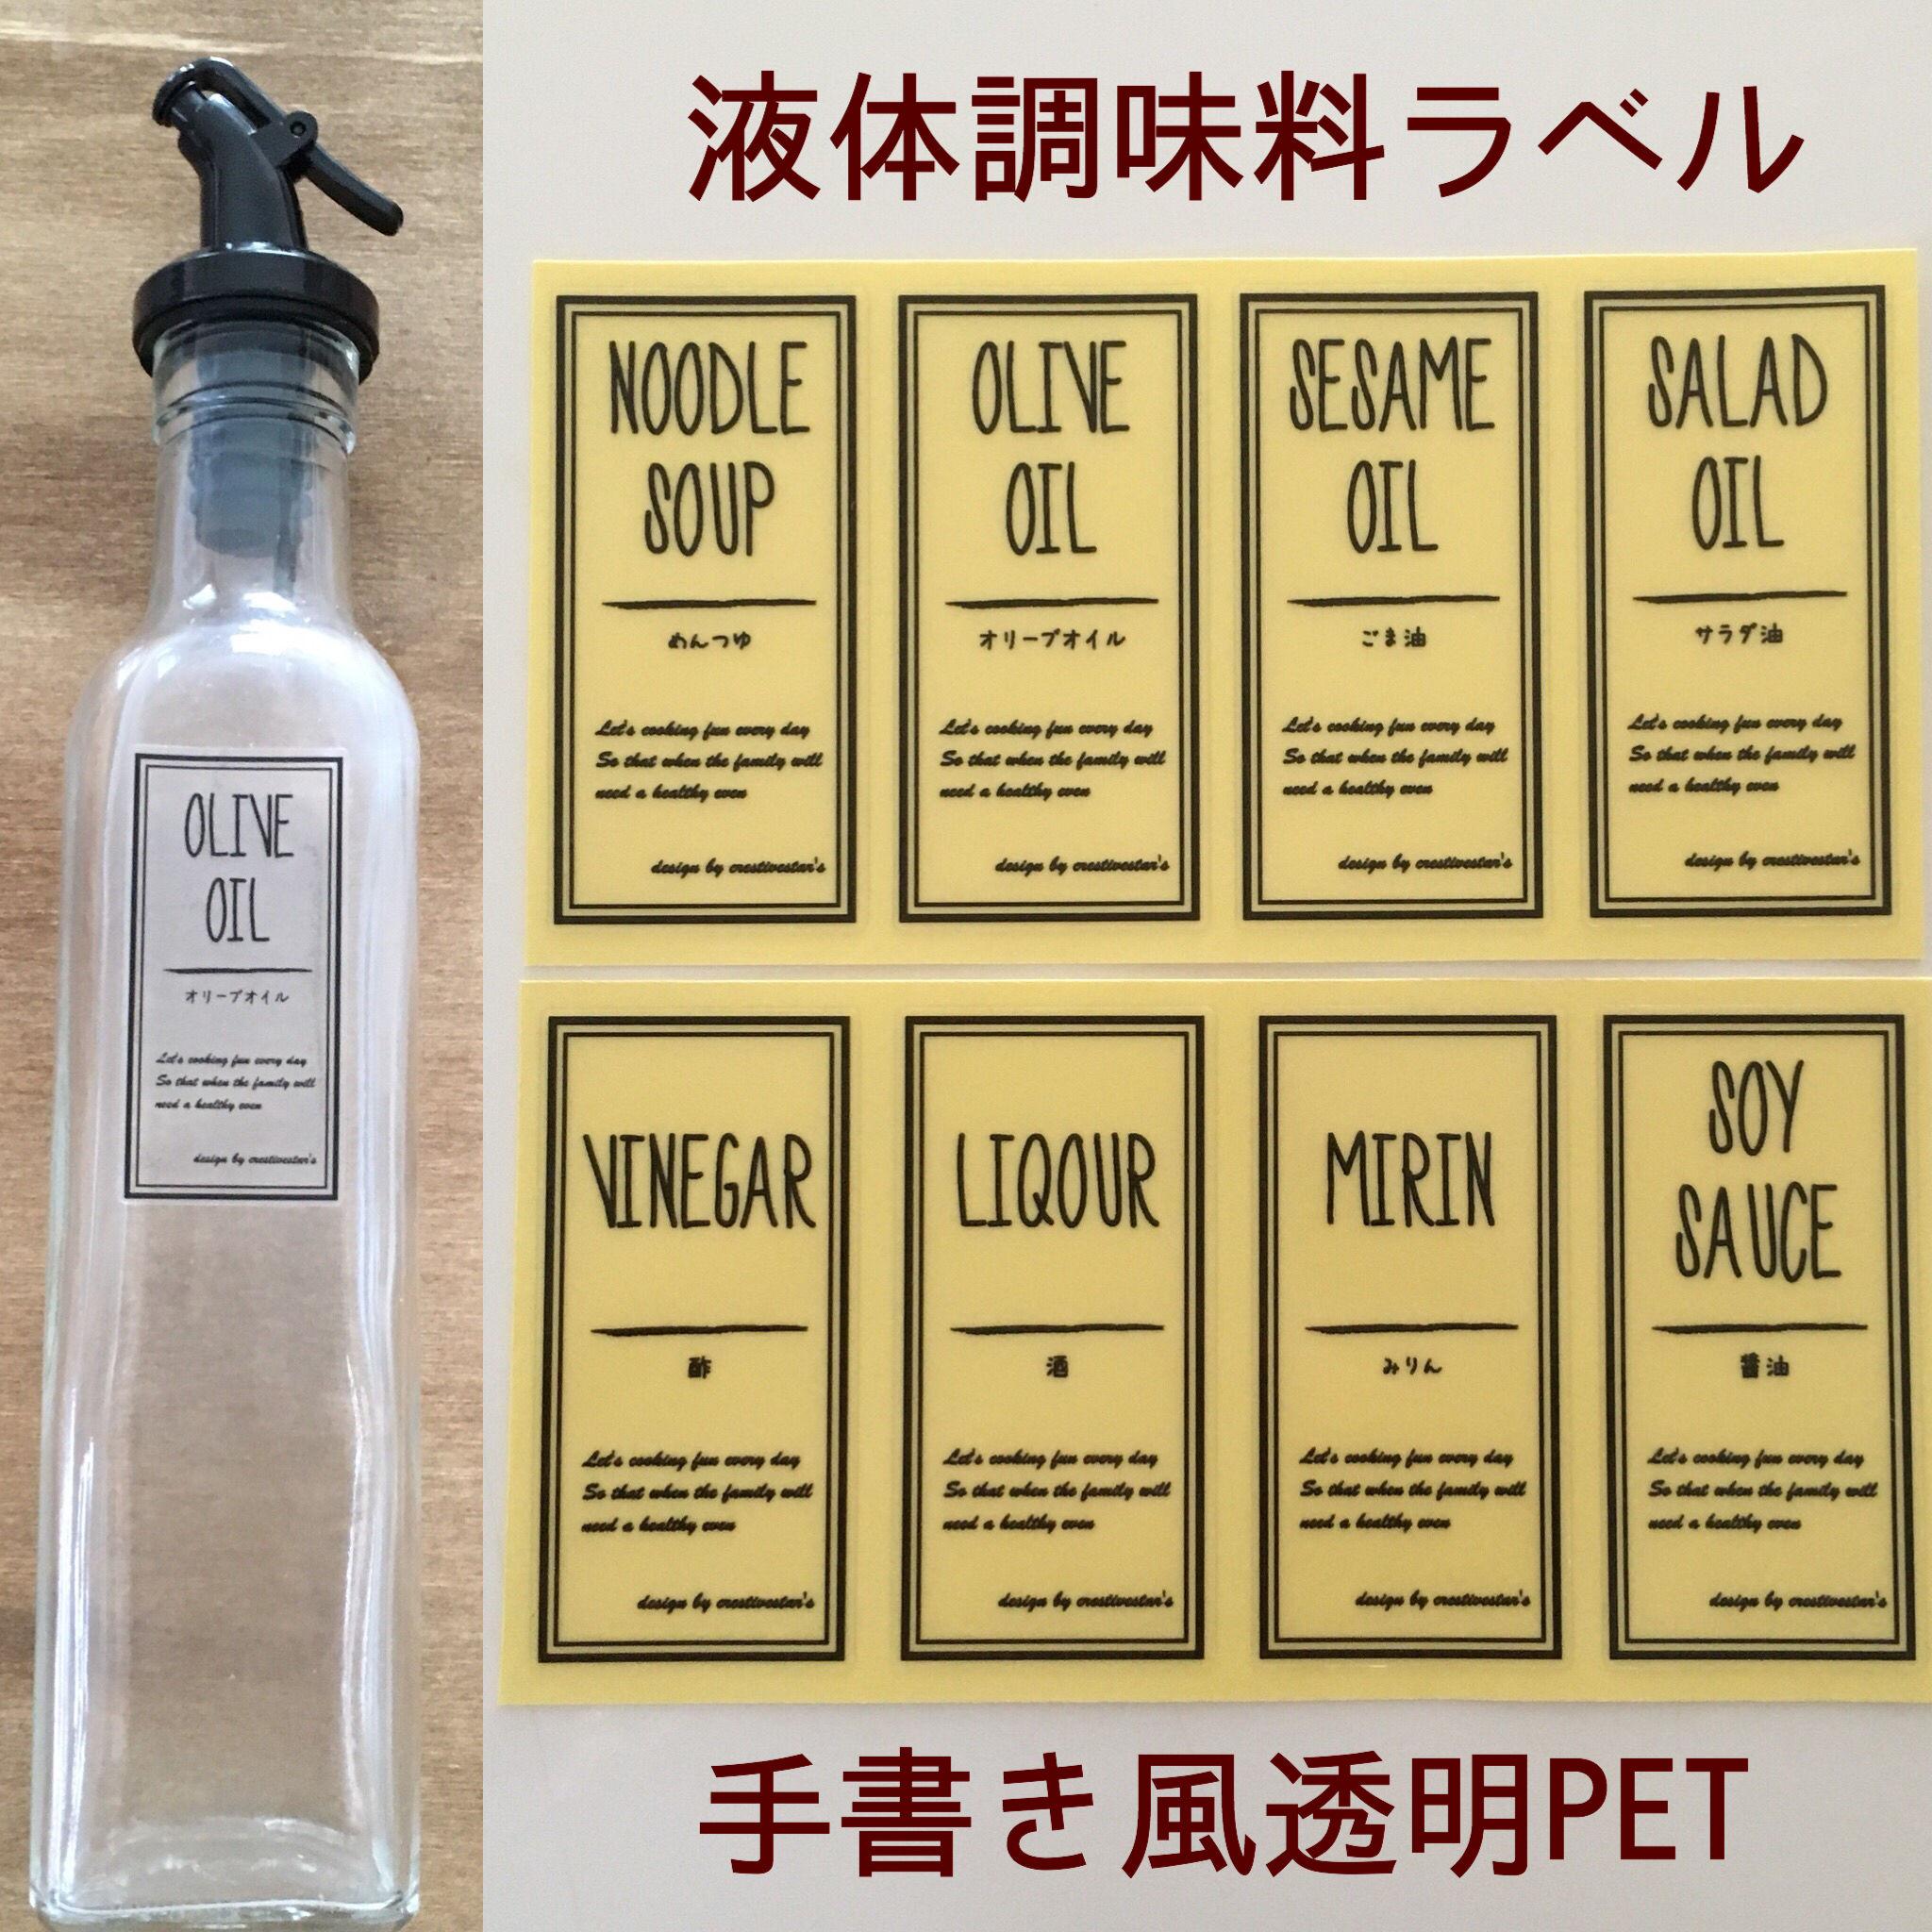 【限定】液体調味料ラベルフランフランサイズTypeC手書き風透明PET